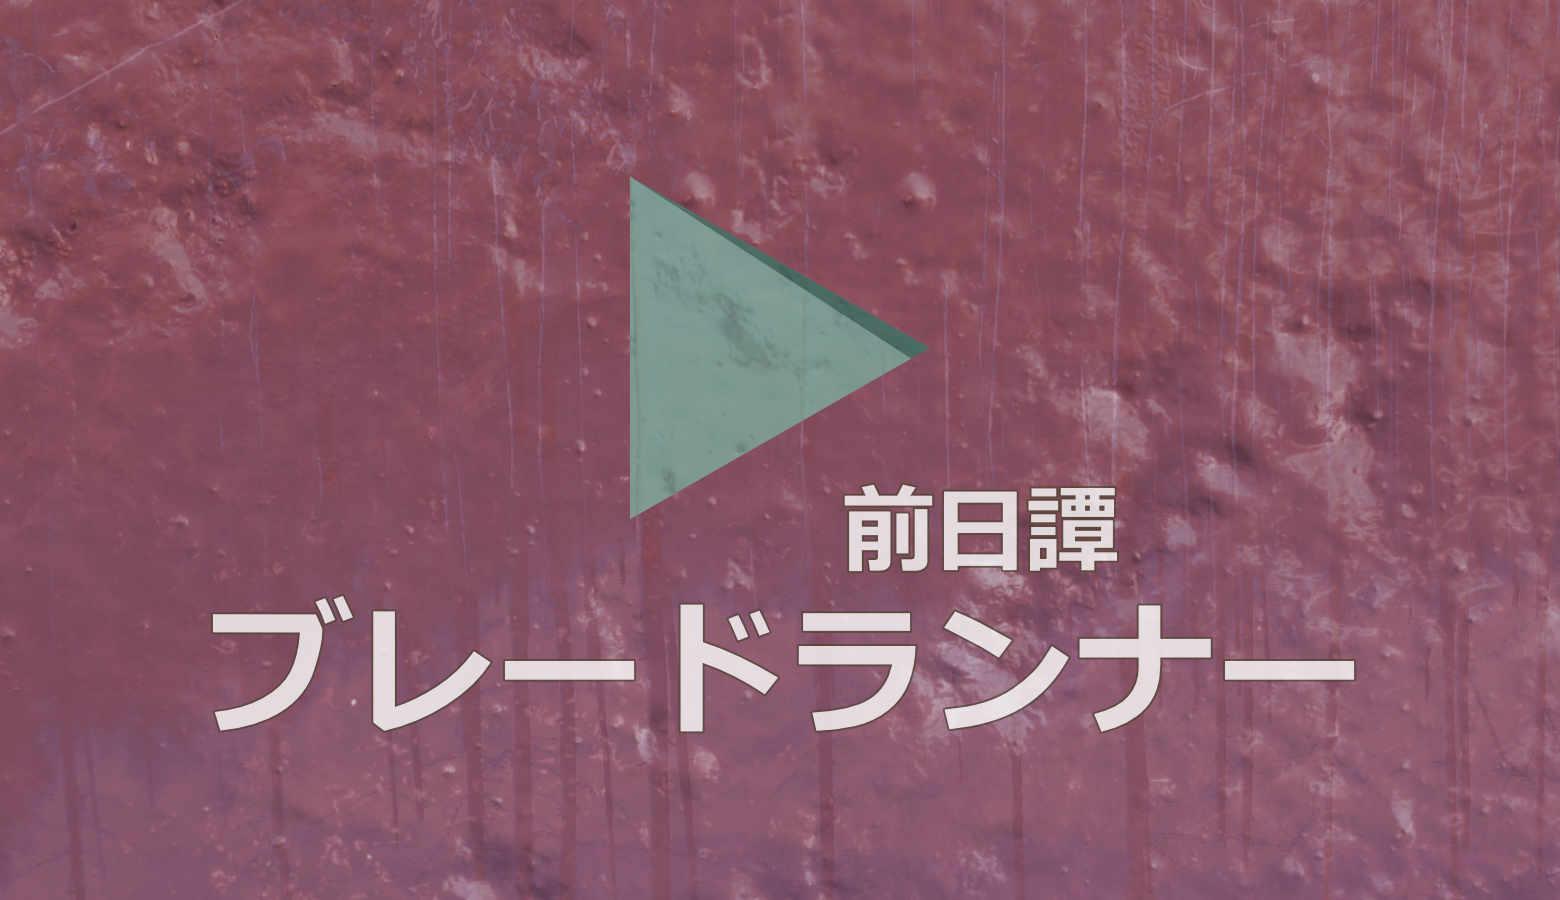 オススメ番組:ブレードランナー2049の前日譚【YouTube】